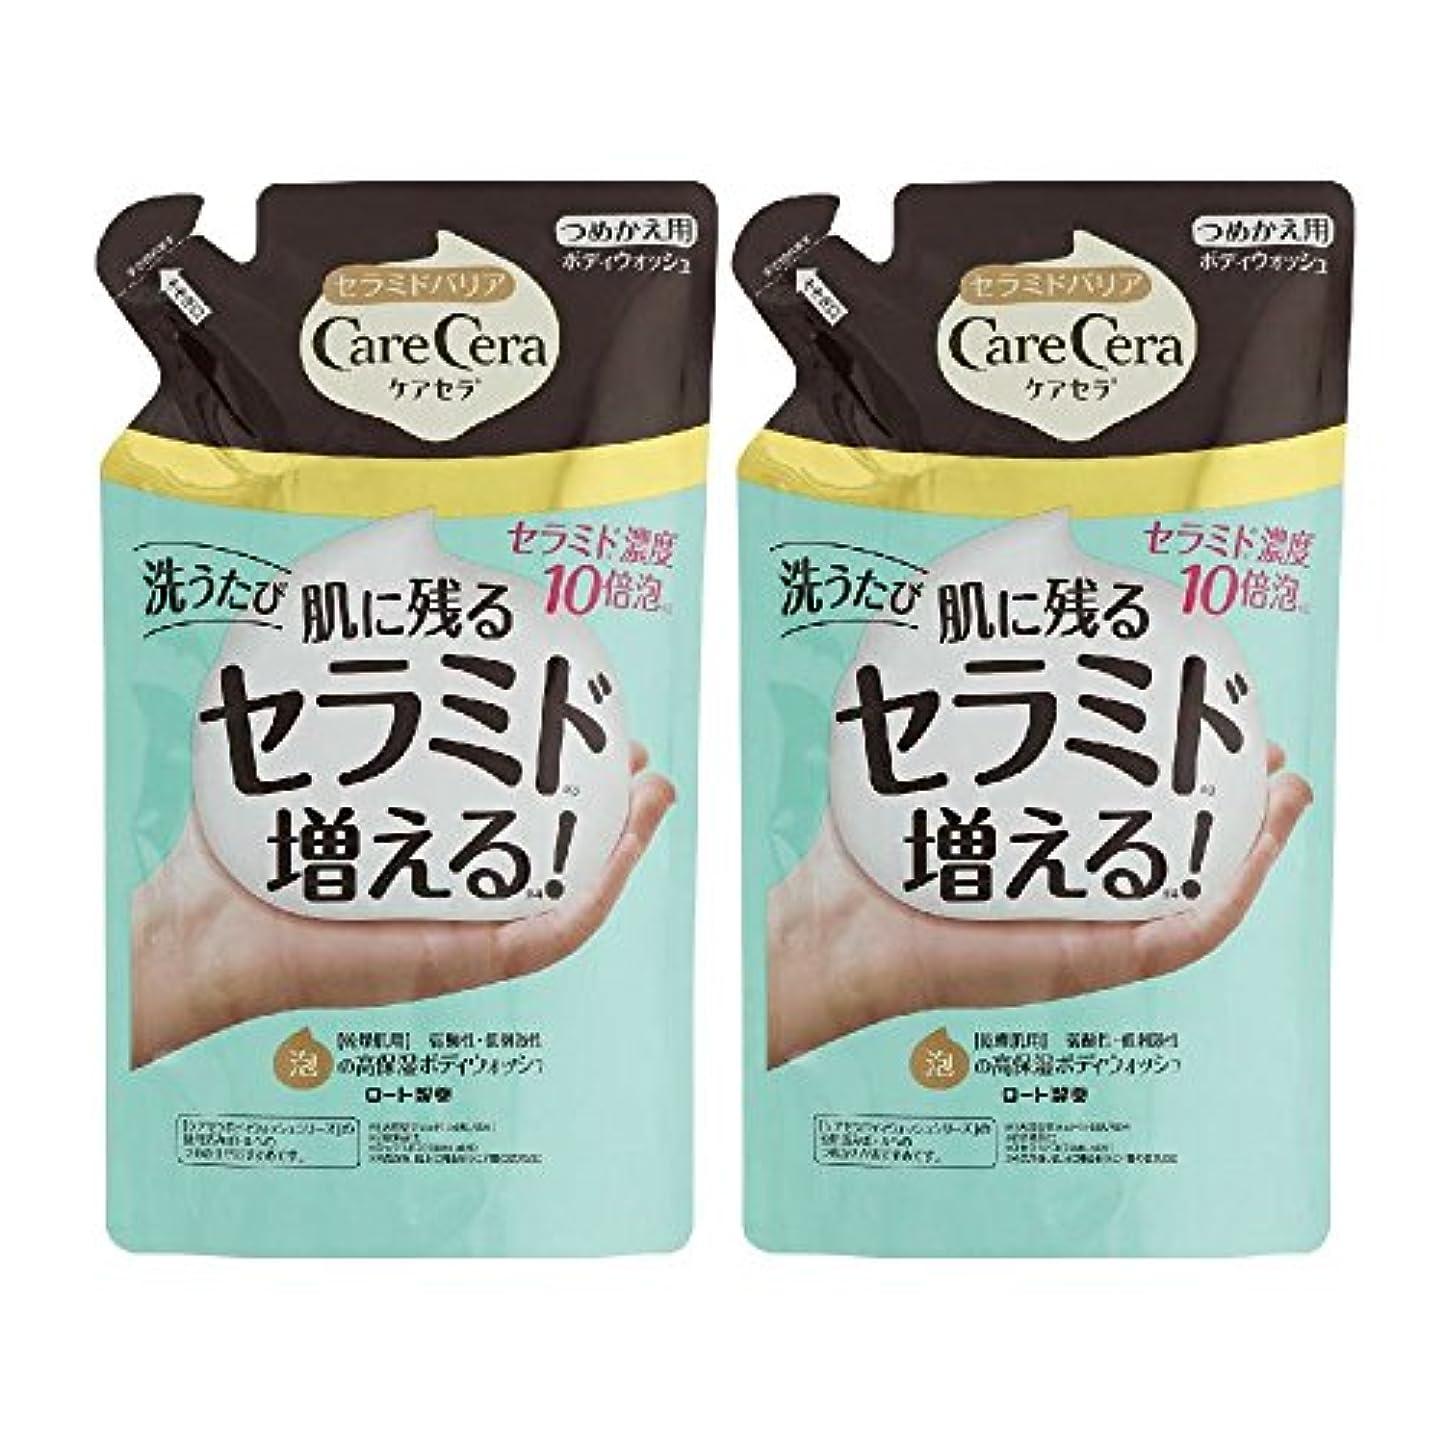 ちっちゃい証明するびっくりしたケアセラ (CareCera) 泡の高保湿 ボディウォッシュ ピュアフローラルの香り (つめかえ用) 350mL×2個 ※セバメドモイスチャーローション10mlサンプル付き